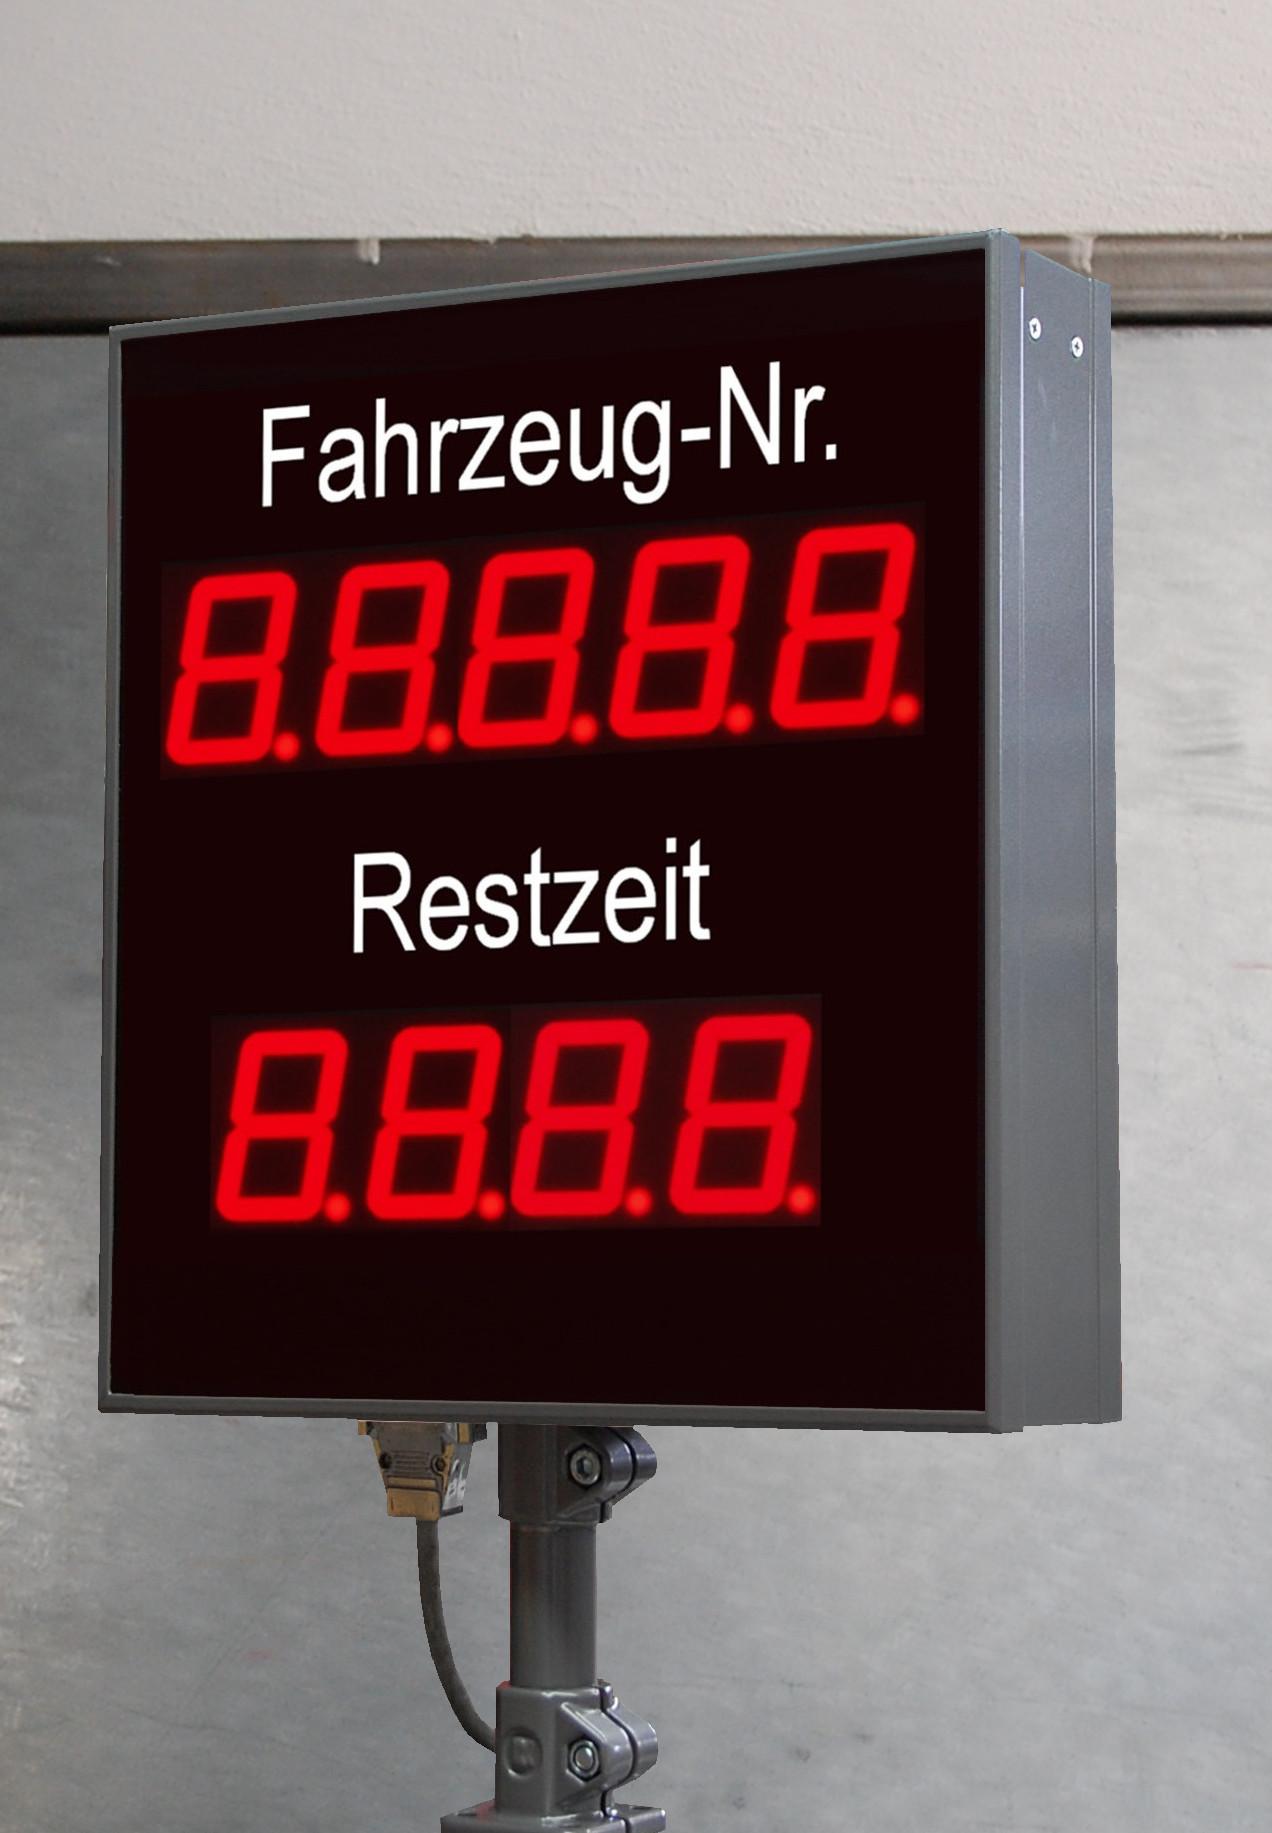 Numerische LED Großanzeige, Produktion-Restzeit, Zeichenhöhe 100 mm, Abmessungen 750x600x100 mm